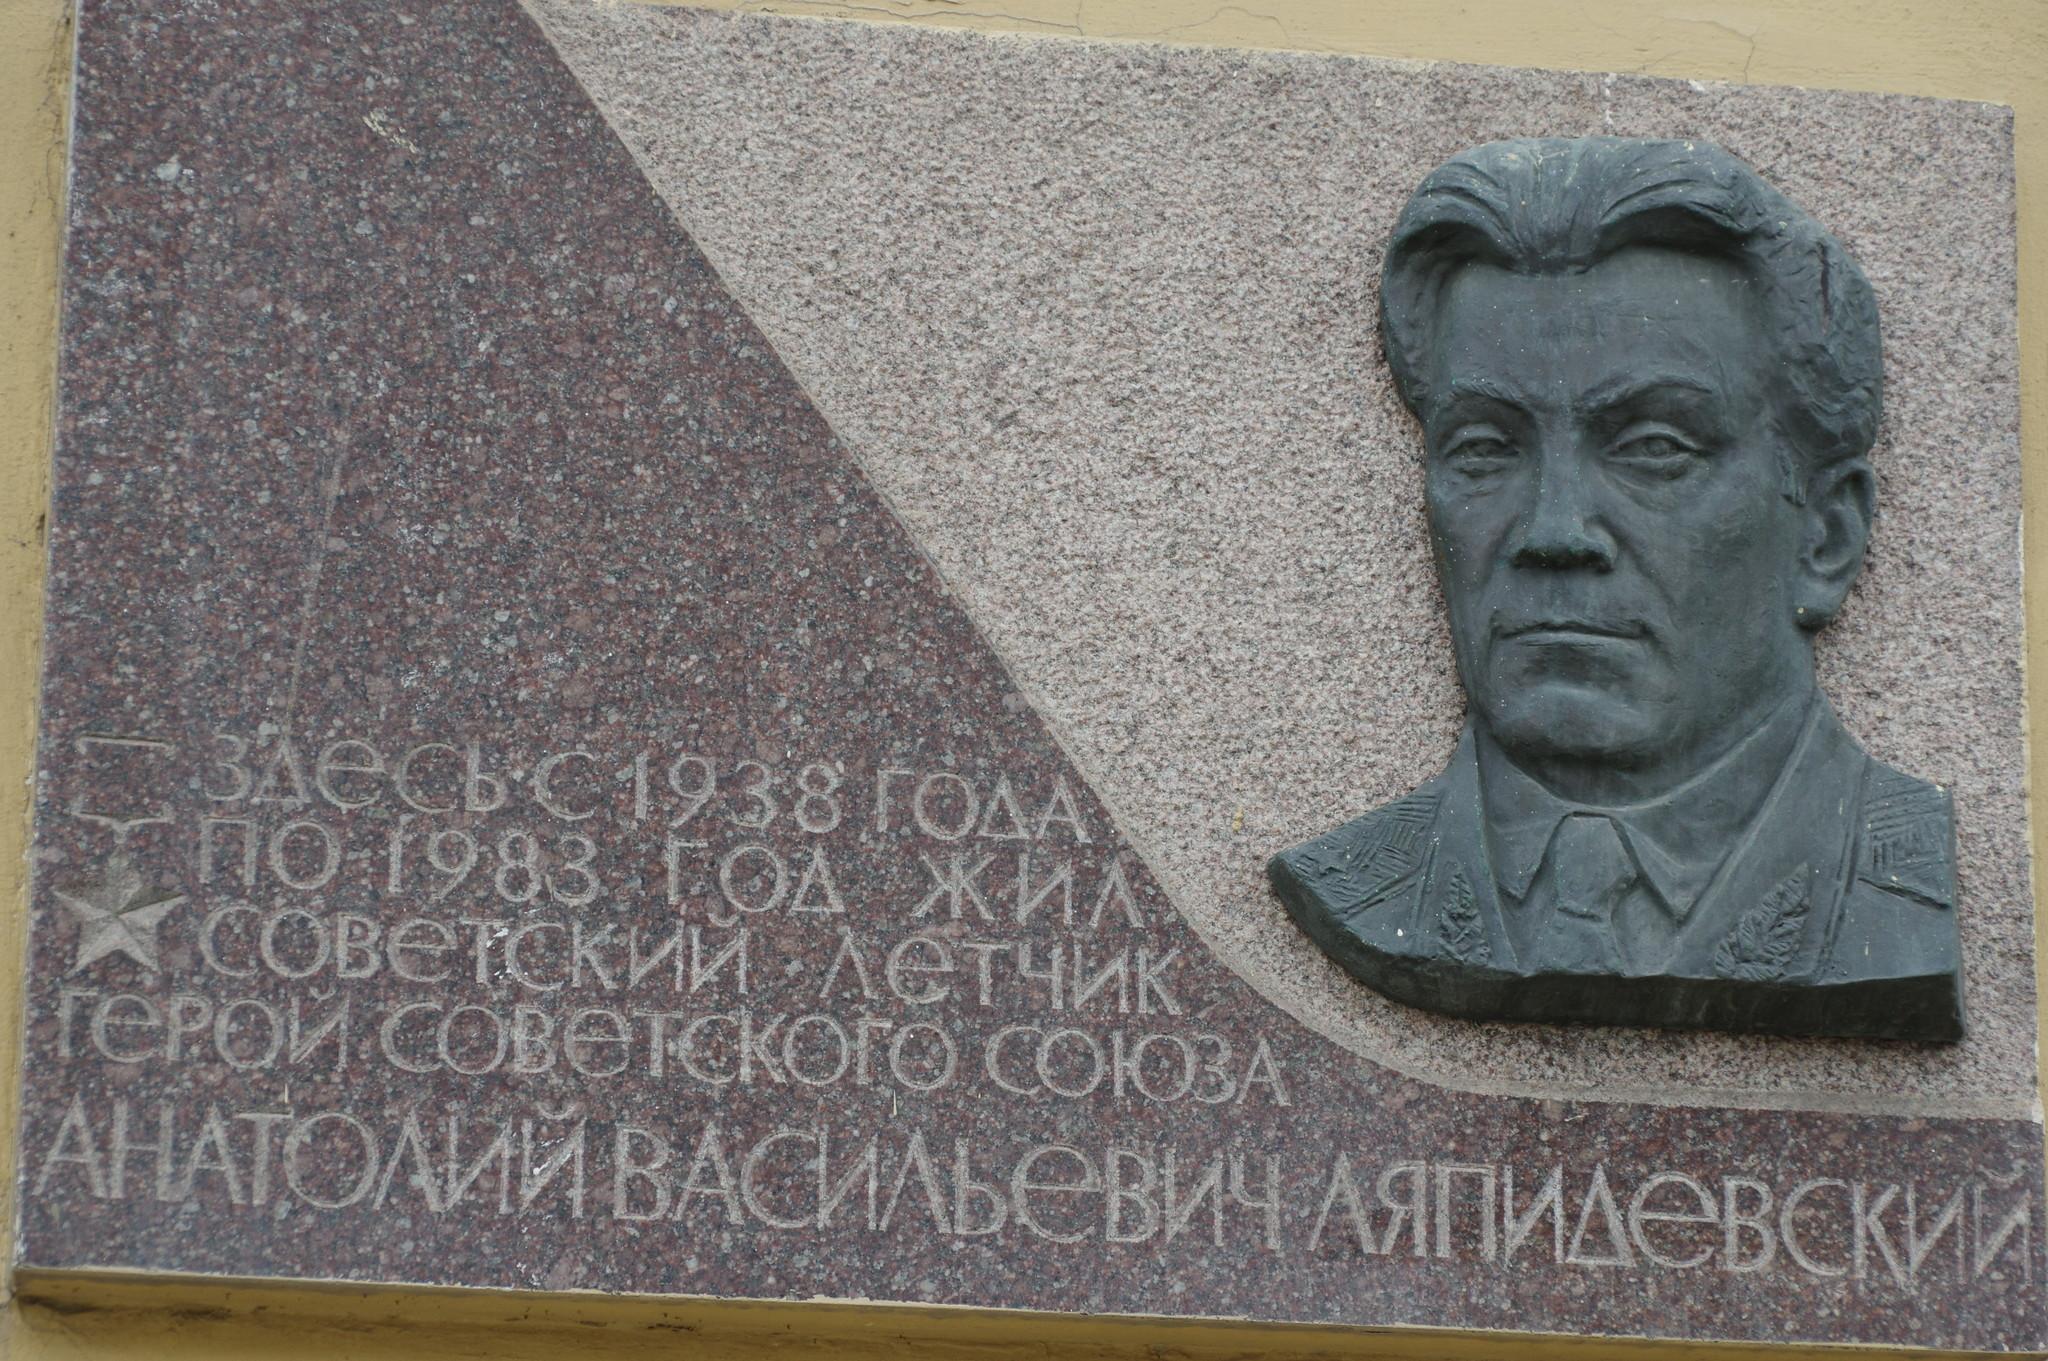 Мемориальная доска на «Доме полярников», где жил первый Герой Советского Союза Анатолий Васильевич Ляпидевский с 1938 года по 1983 год (Никитский бульвар, дом 9)